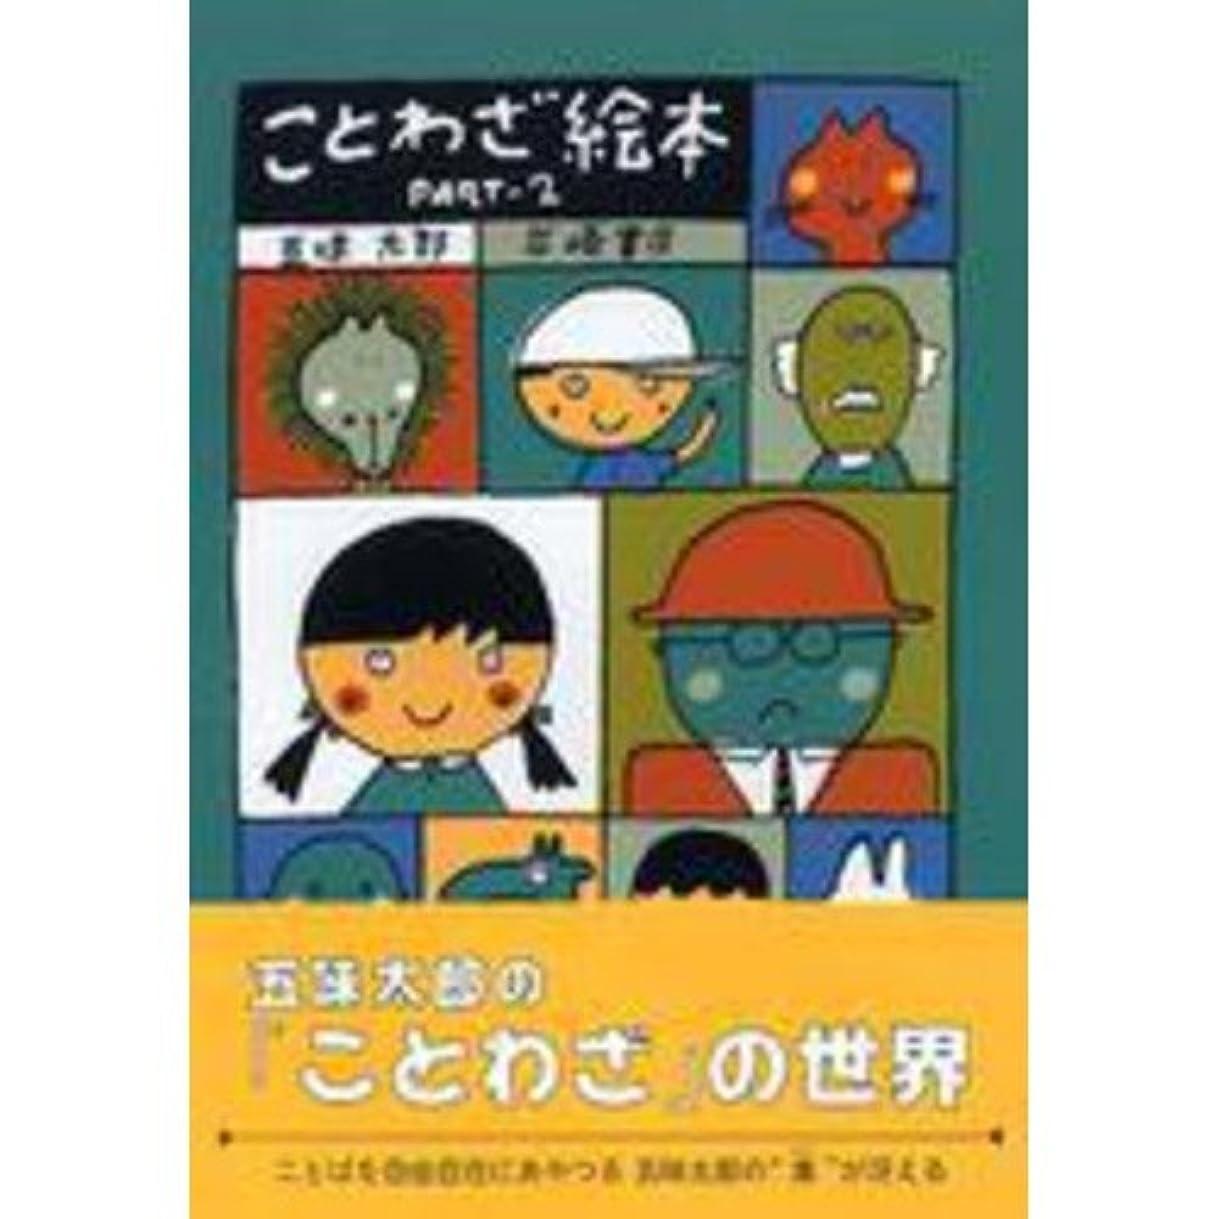 終わり復讐飼い慣らす岩崎書店 ことわざ絵本 PART2 A5判